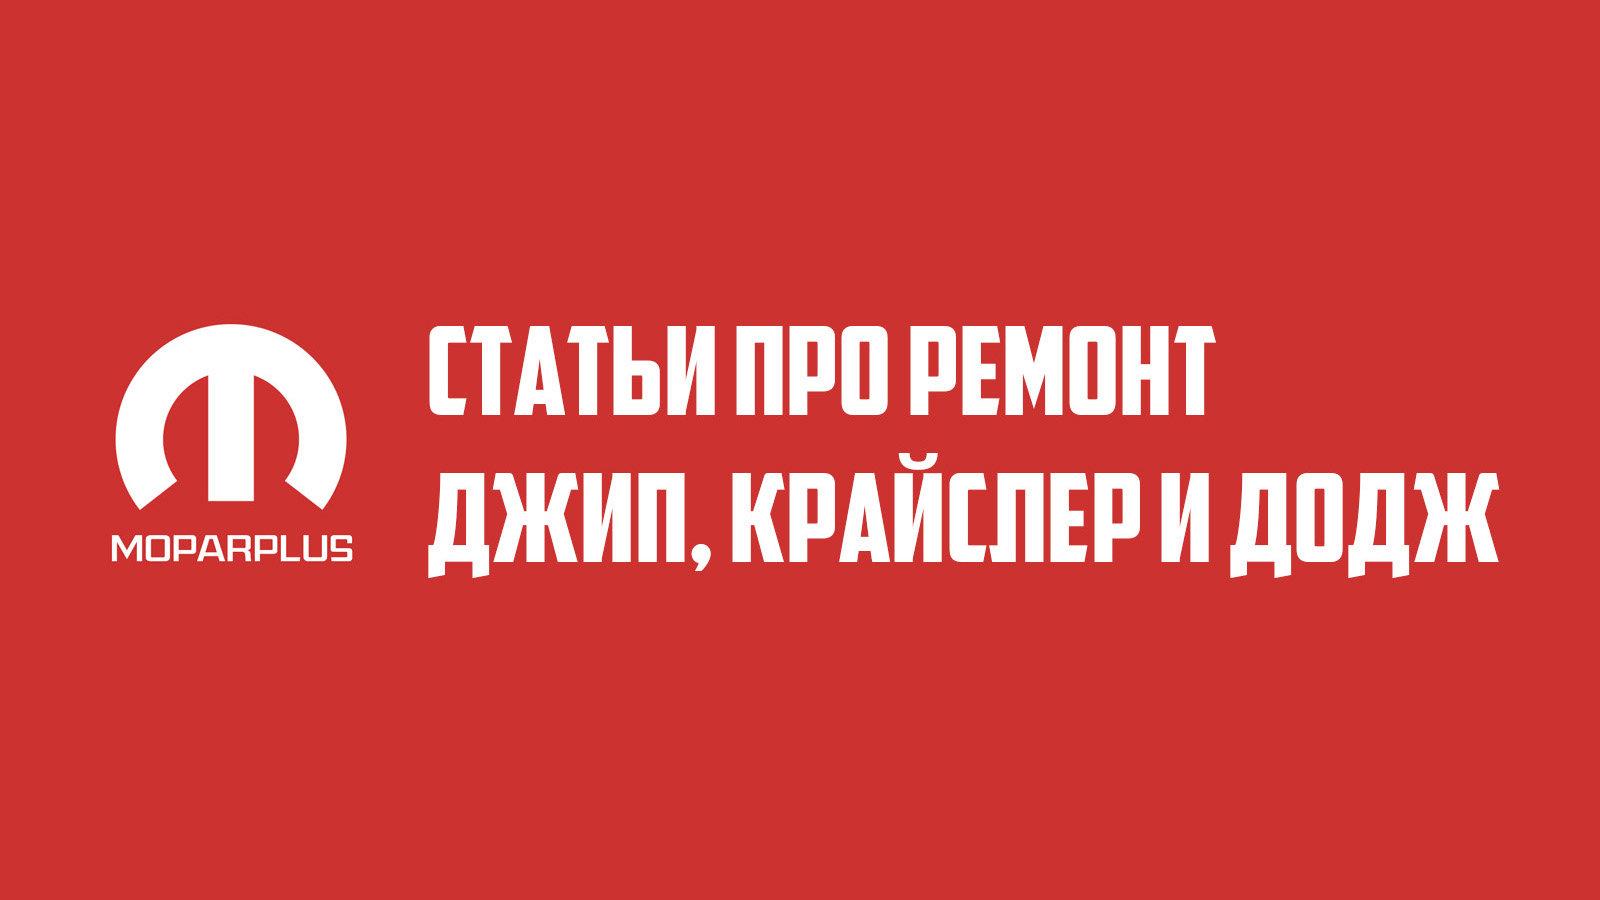 Статьи про ремонт. Выпуск №19.